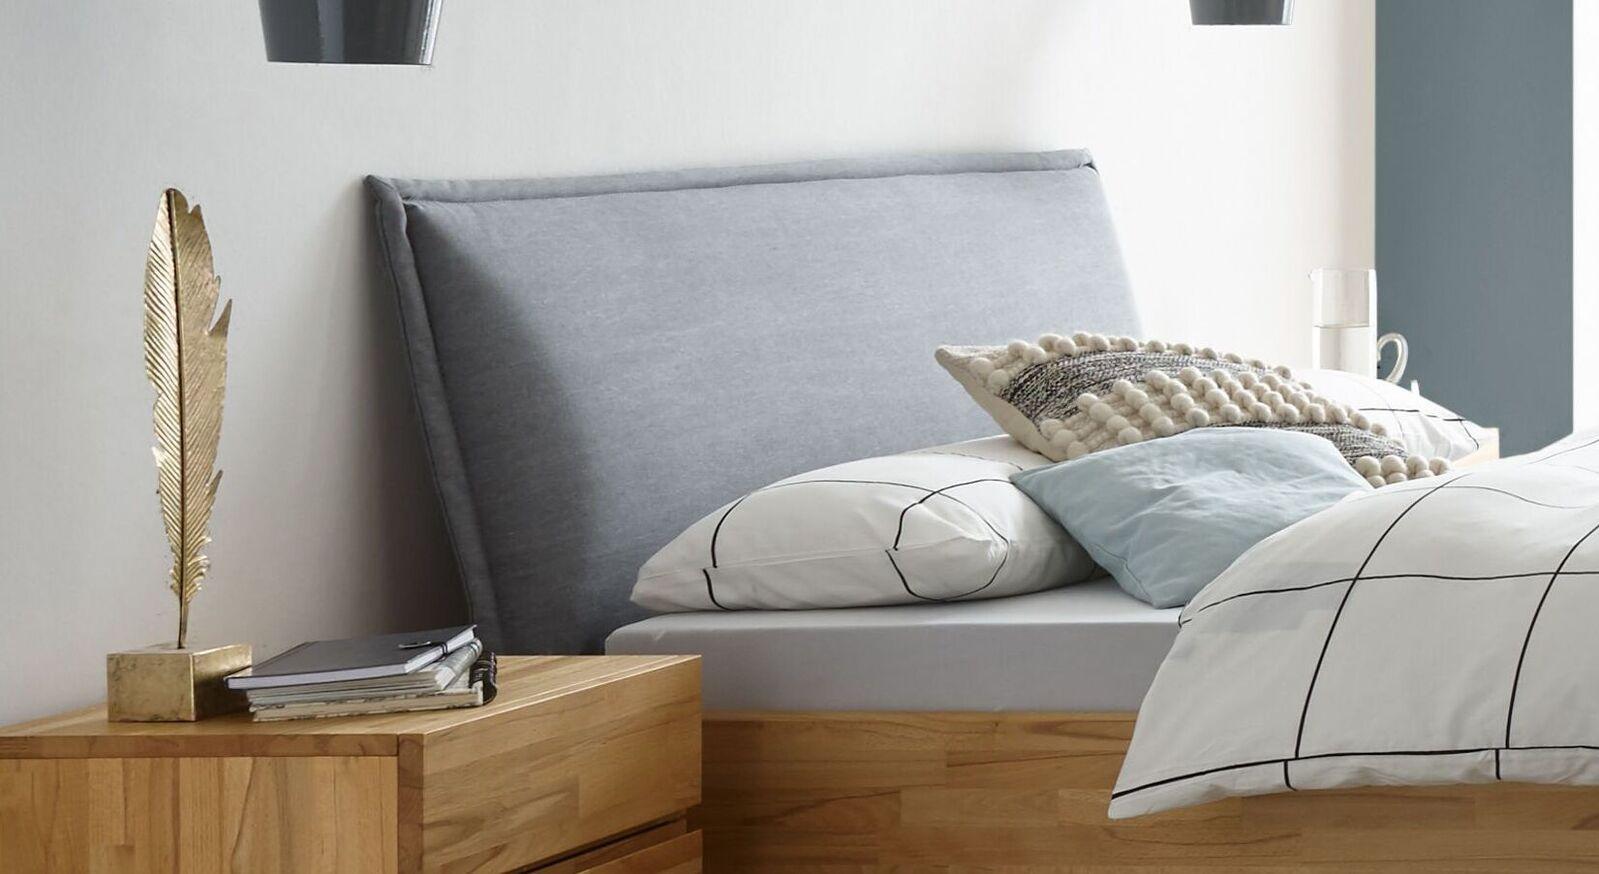 Bequemes Bett Soprenia mit gepolstertem Kopfteil